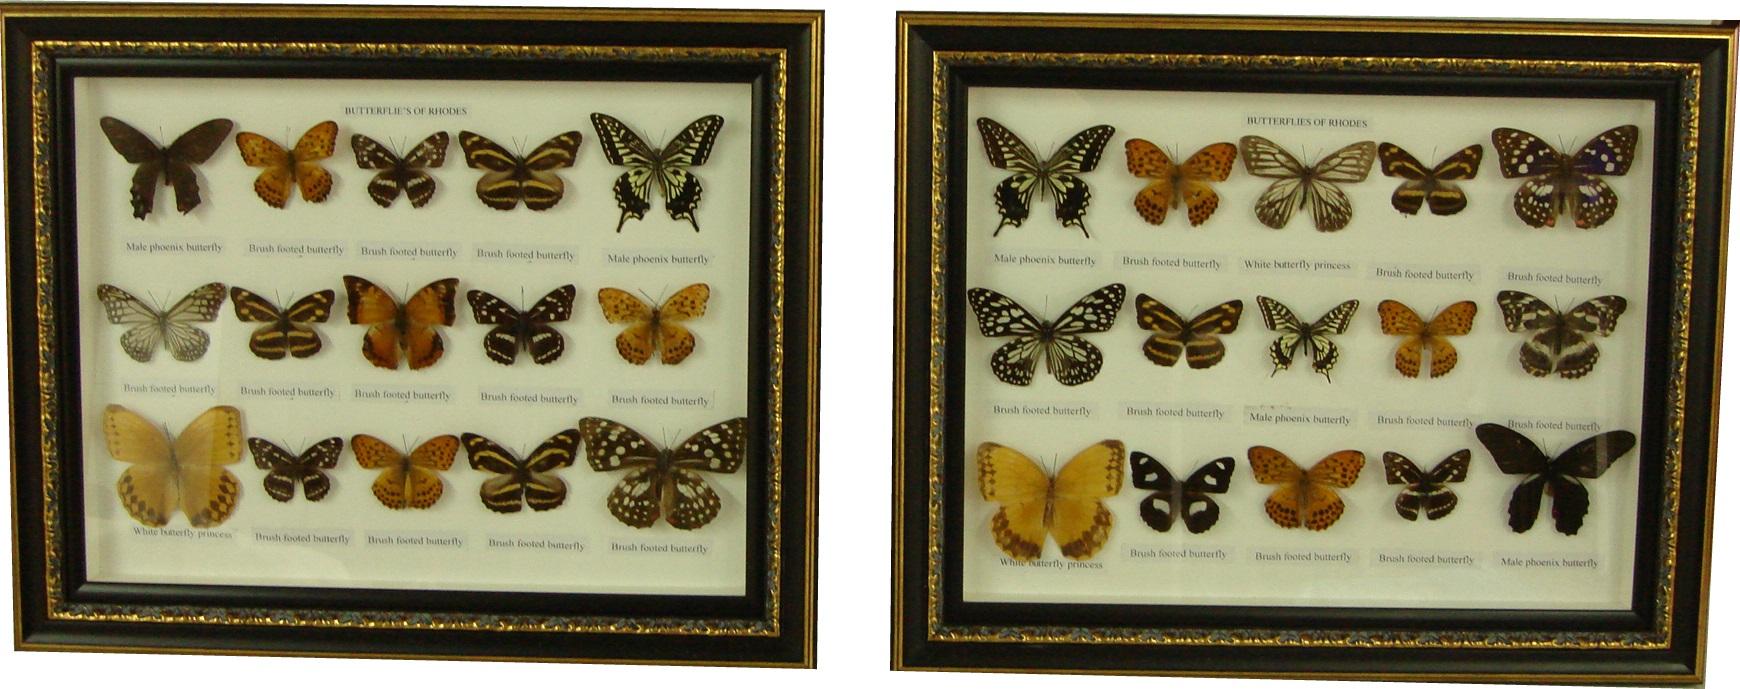 коллекция бабочек. фото